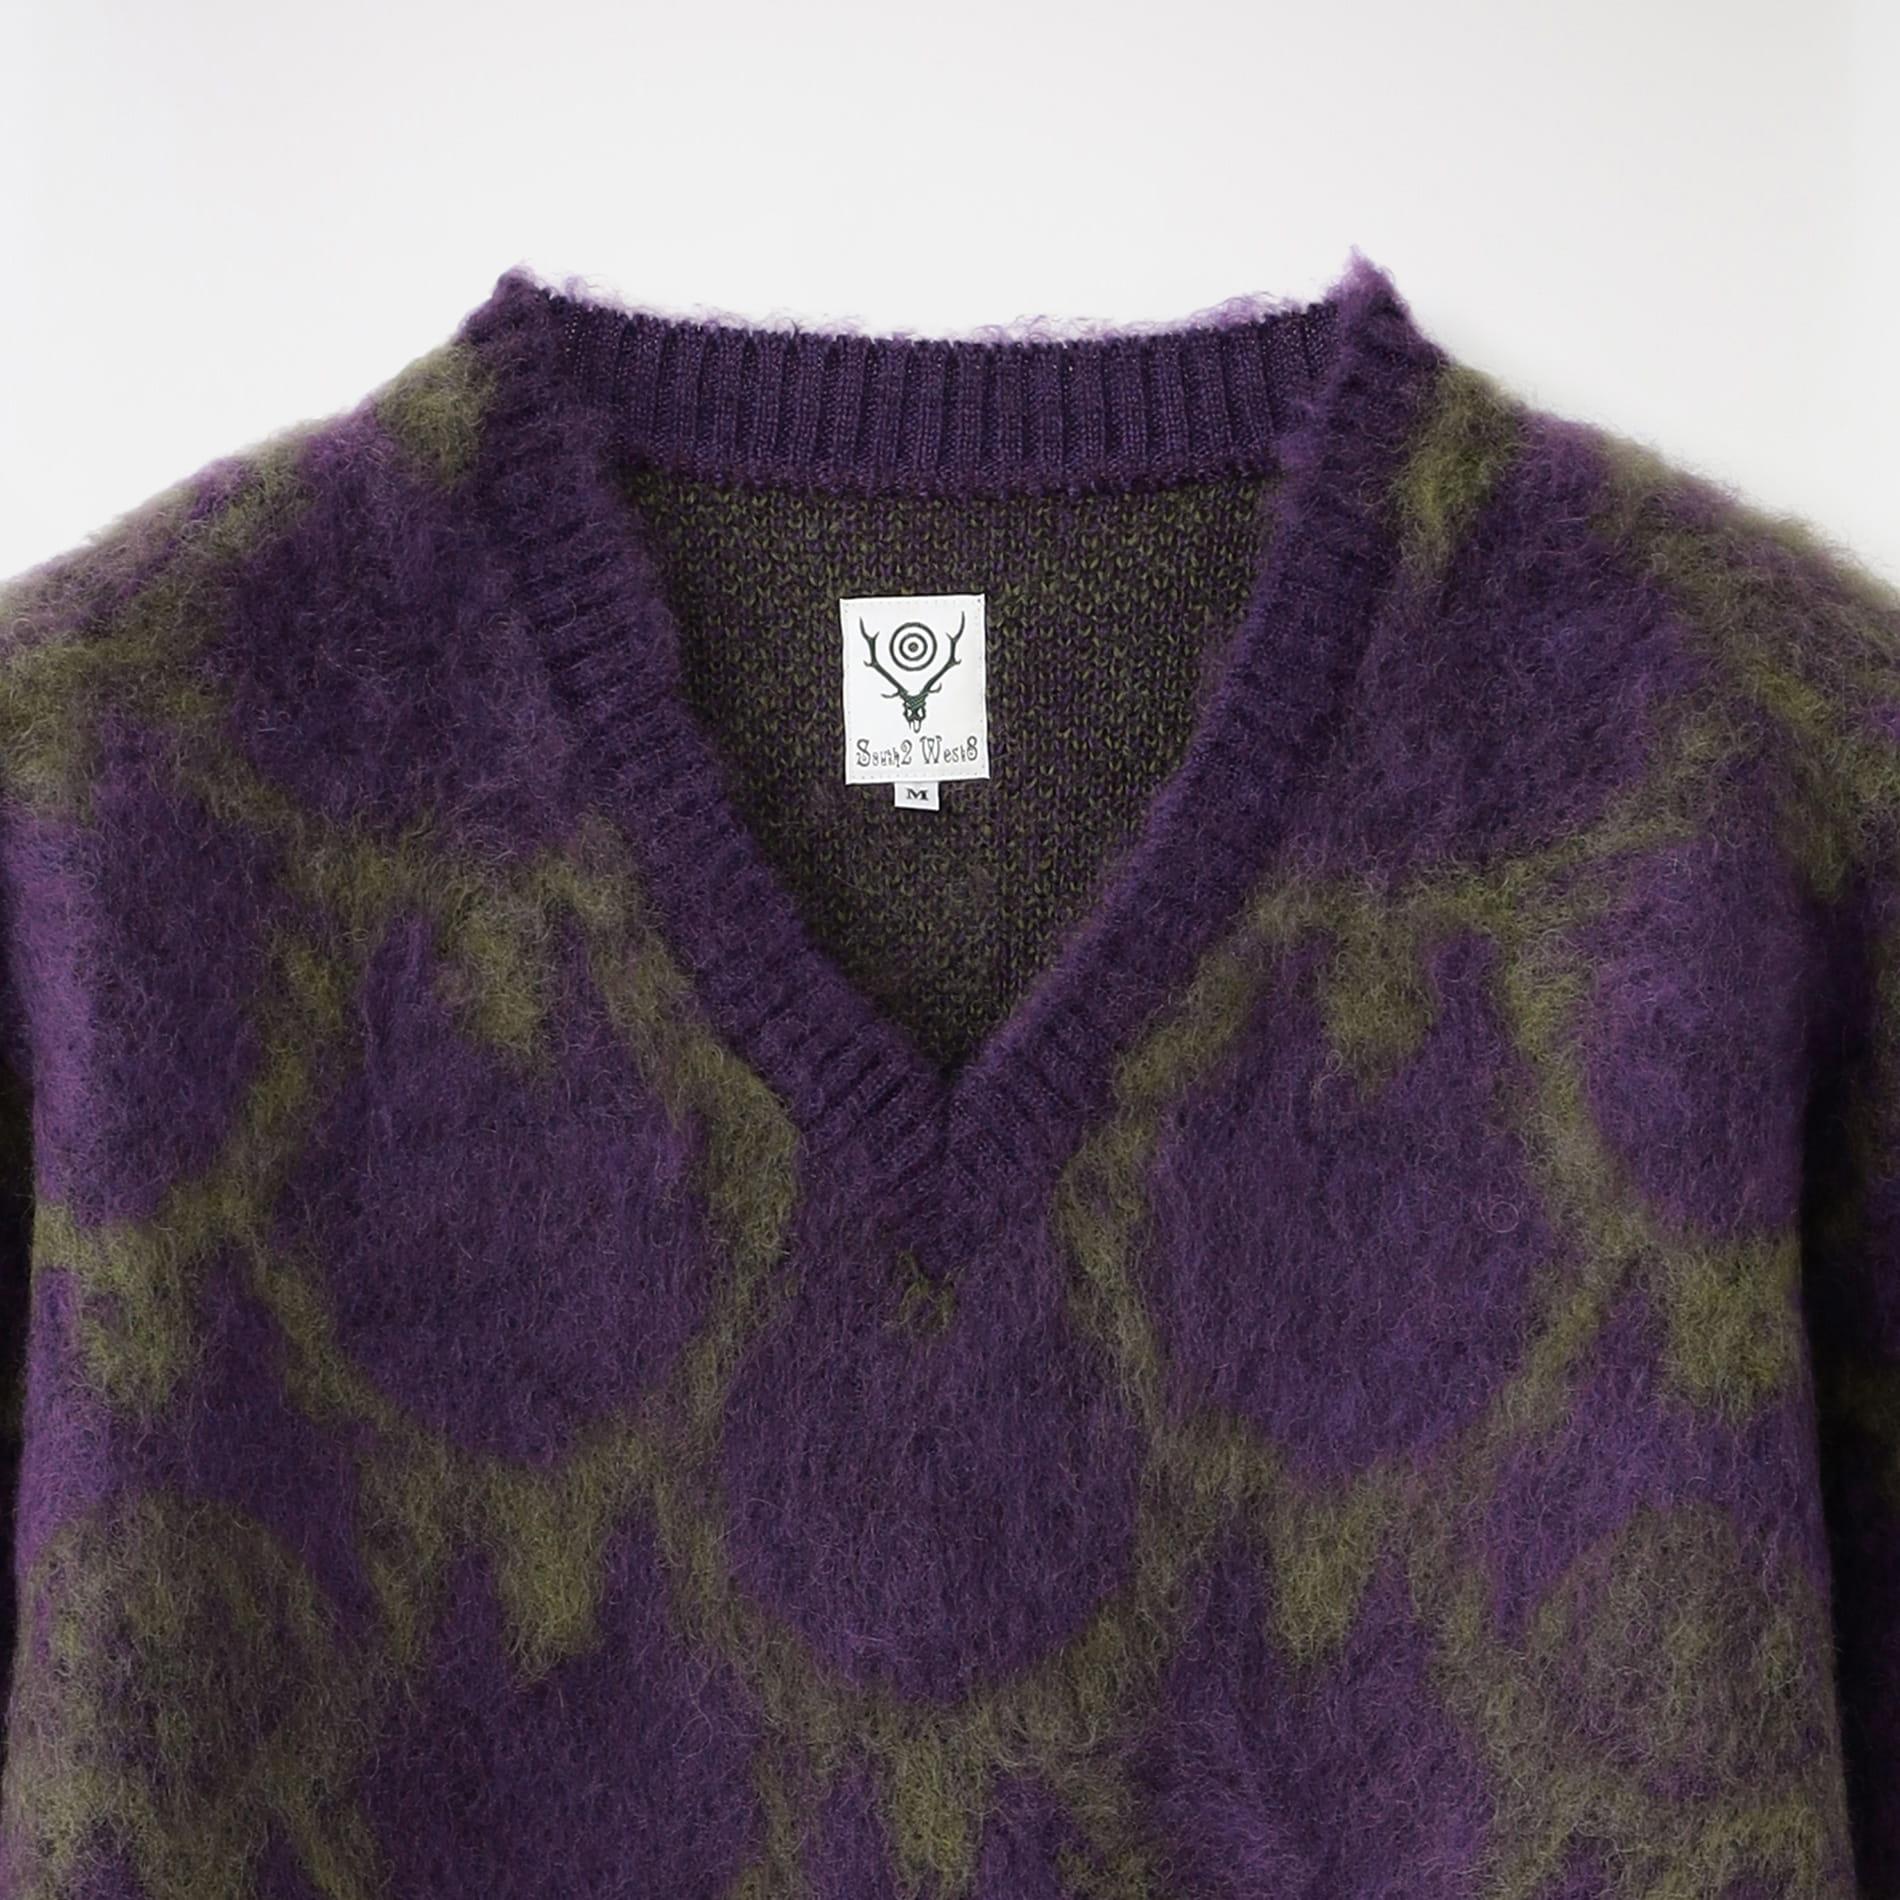 【South2 West8】MEN Loose Fit V Neck Sweater - Skull&Target JO867